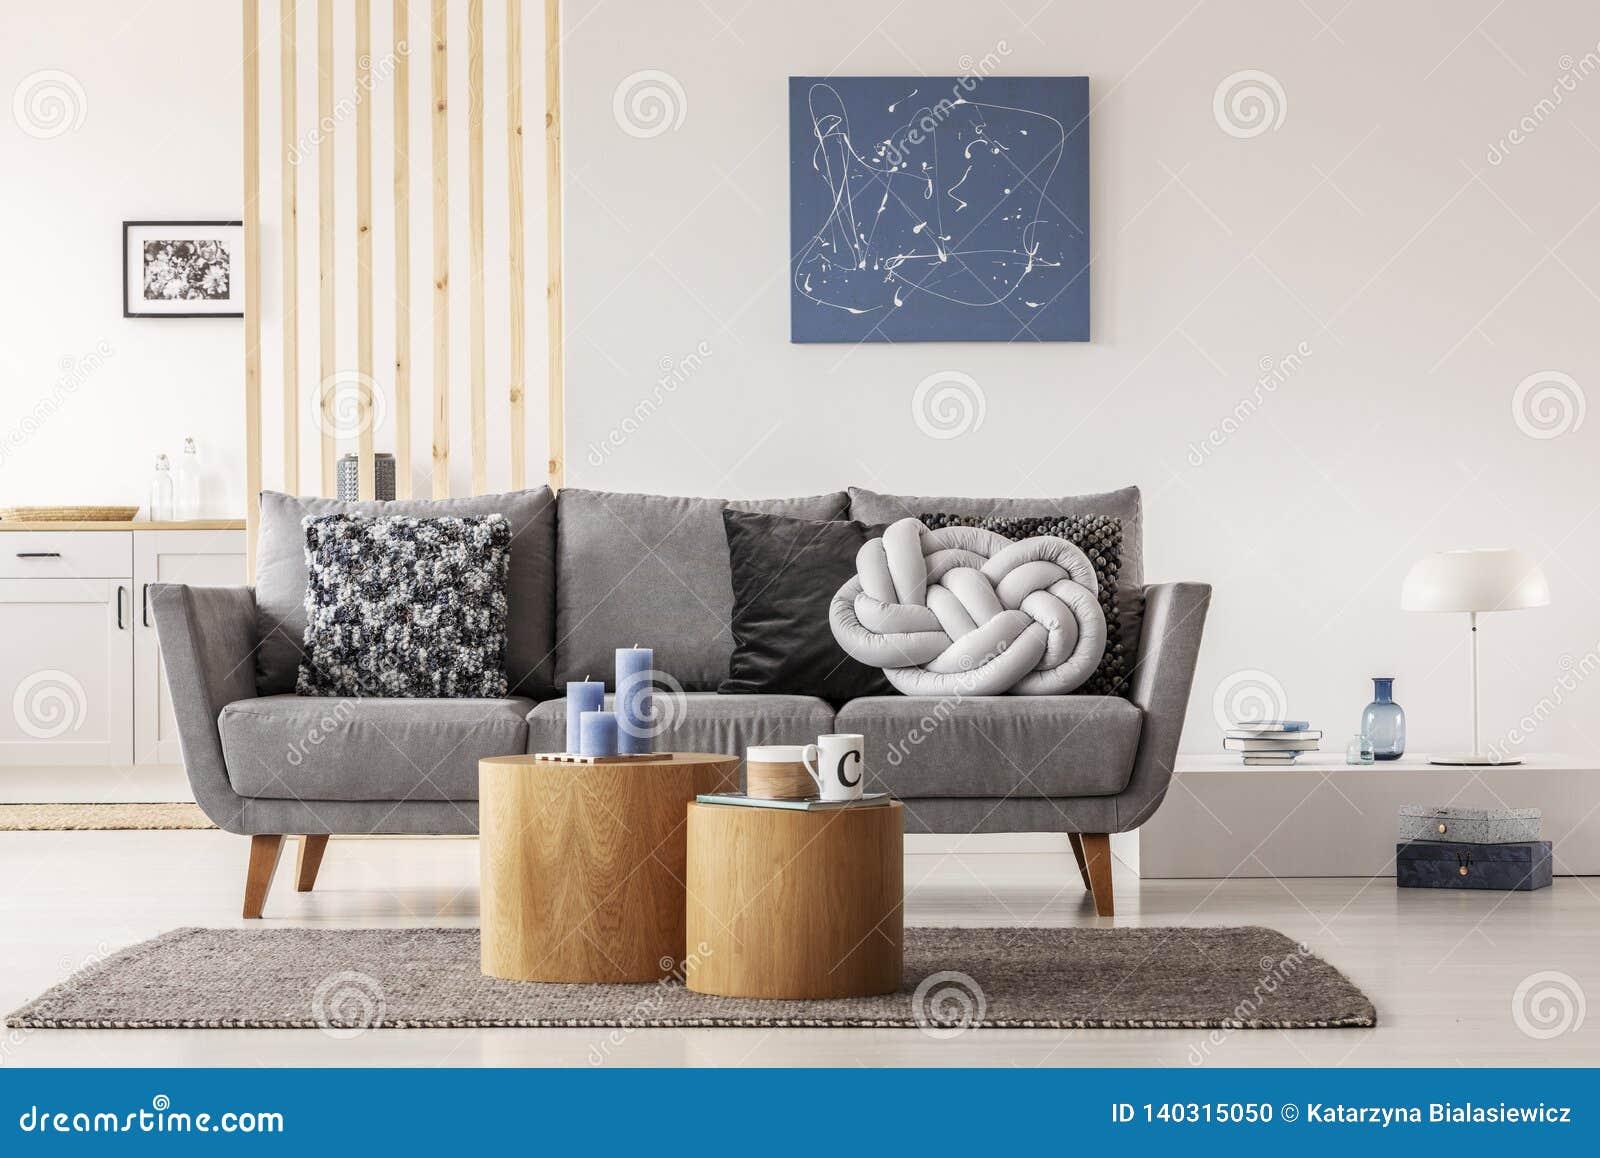 Pittura astratta blu sulla parete bianca del salone contemporaneo interna con il divano grigio con i cuscini